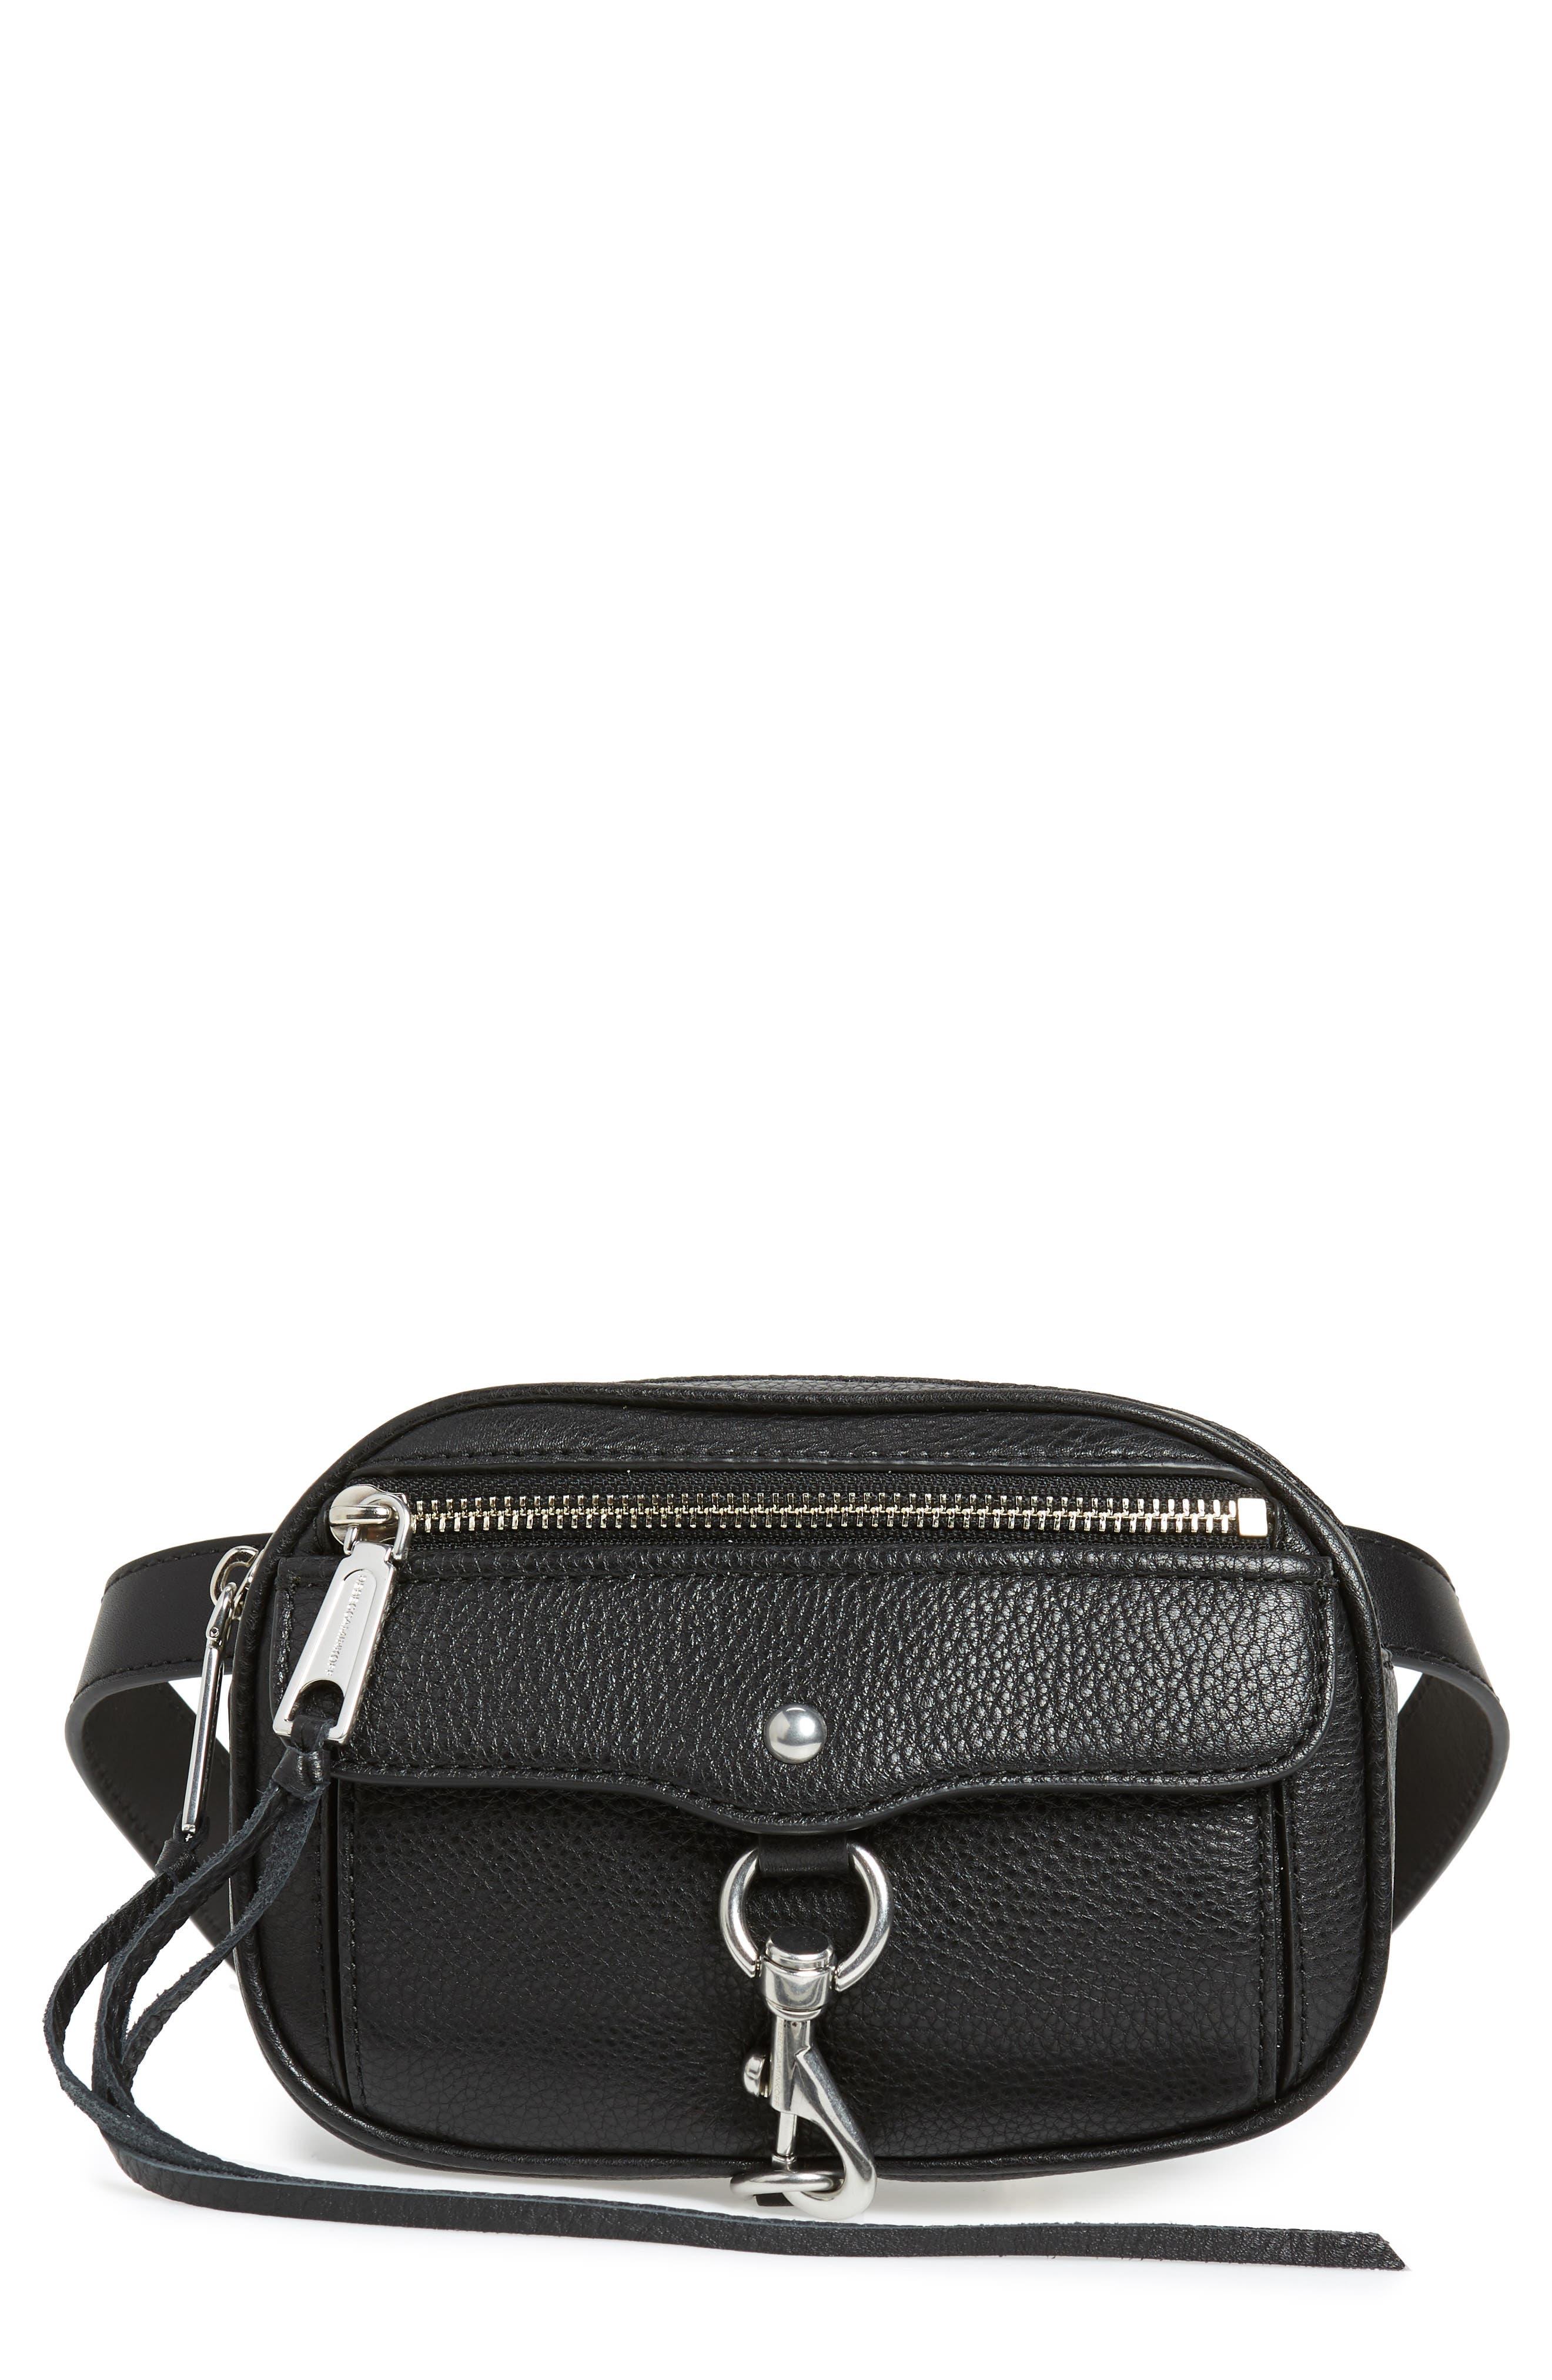 Image of Rebecca Minkoff Blythe Leather Belt Bag